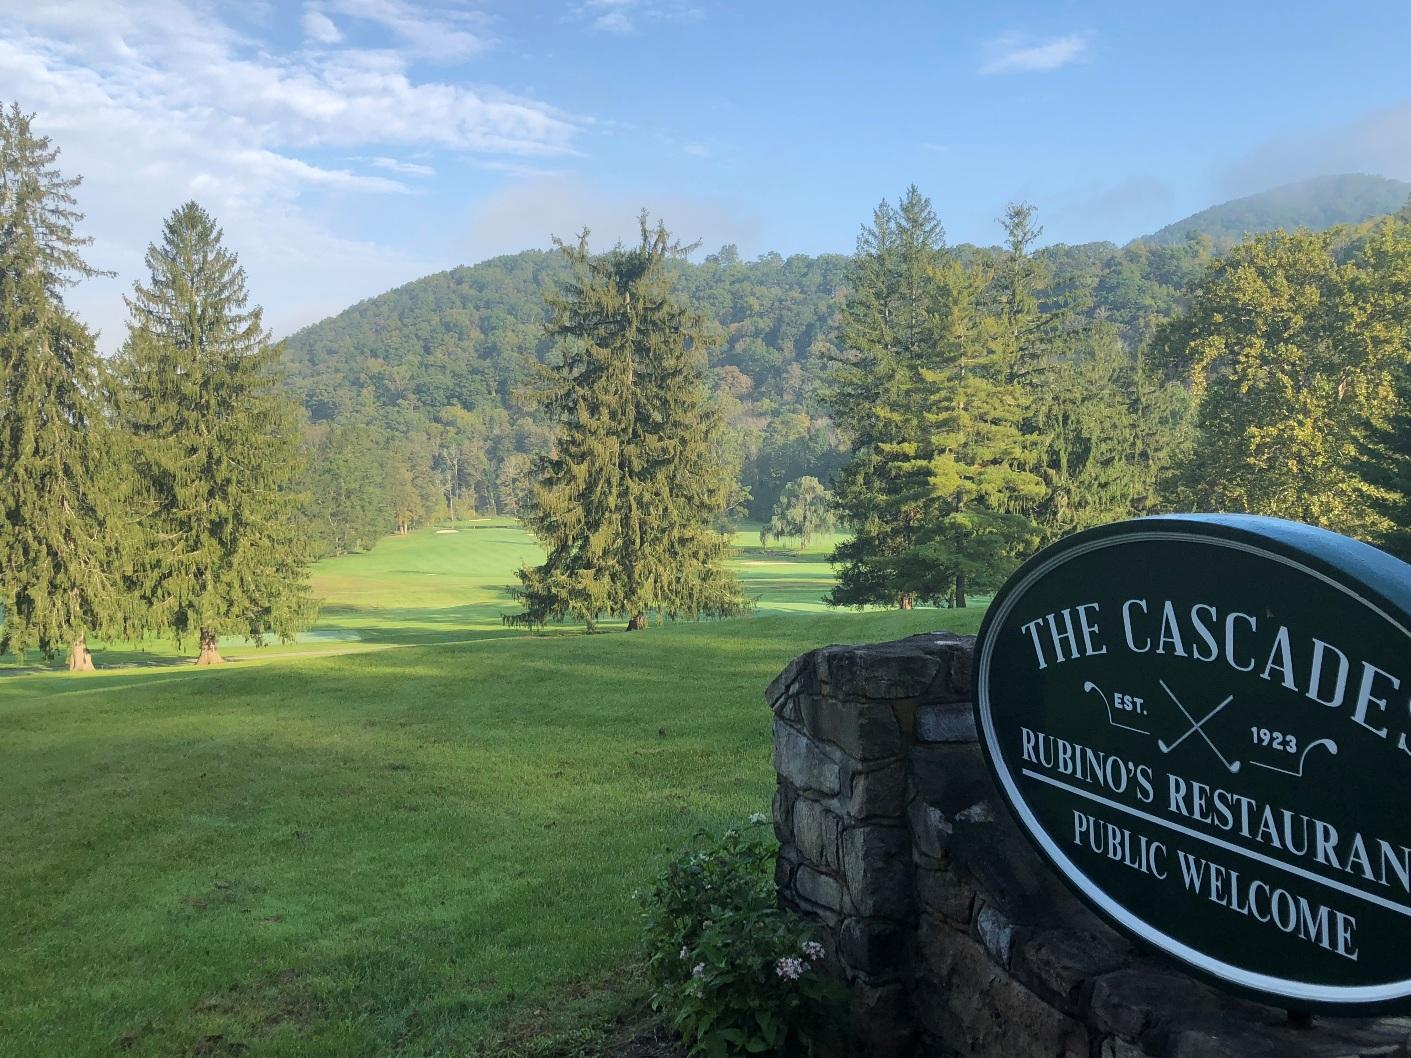 the cascades at omni homestead resort (hot springs, va on 10/06/18